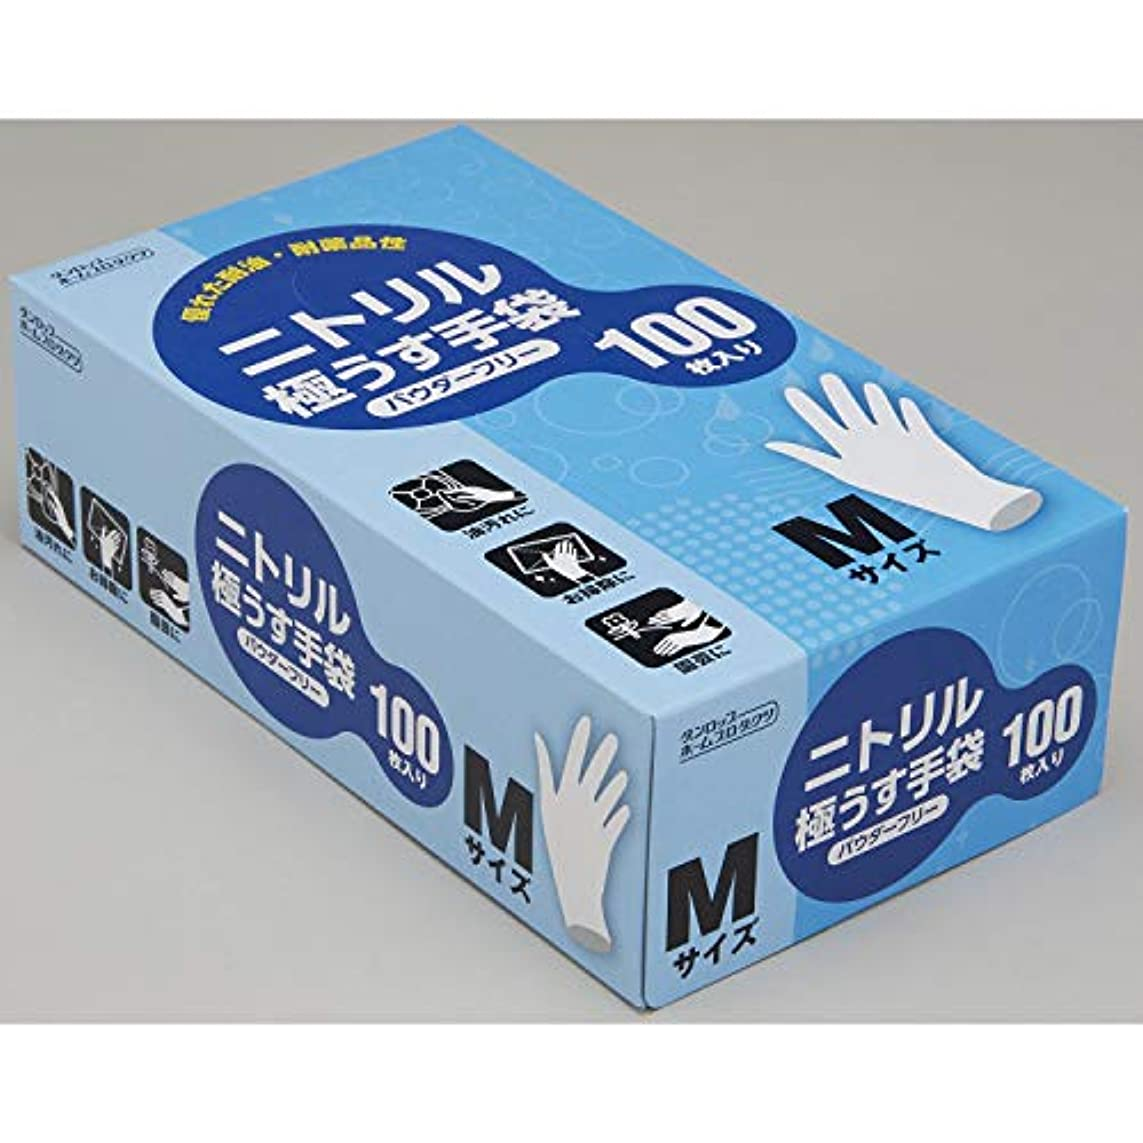 占める変換する鮮やかなダンロップ 二トリル極うす手袋 パウダーフリー Mサイズ 100枚入 ×20個